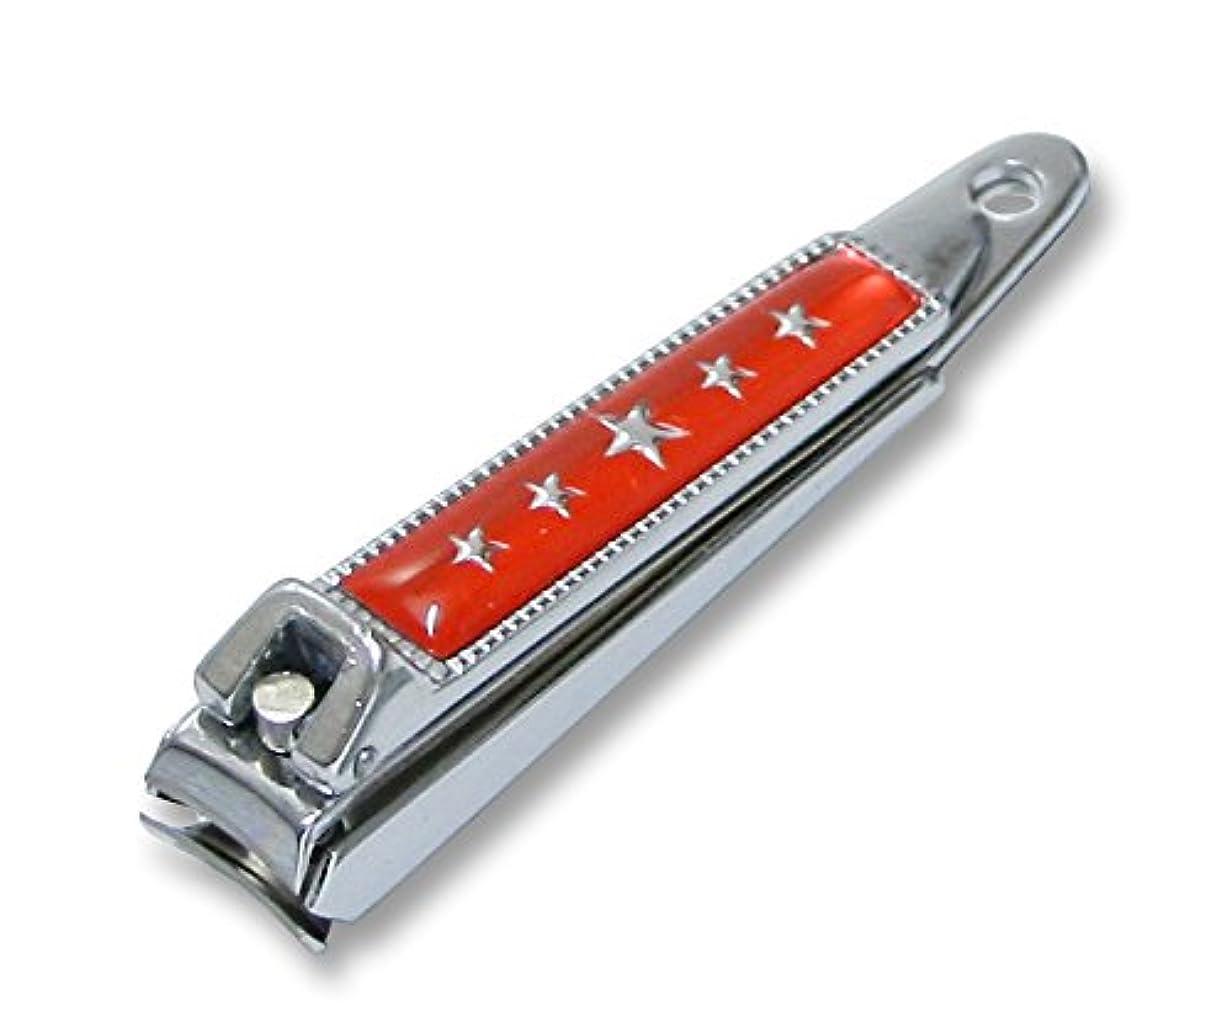 ビン改修メンタルKC-052RD 関の刃物 関兼常 チラーヌ爪切 小 赤